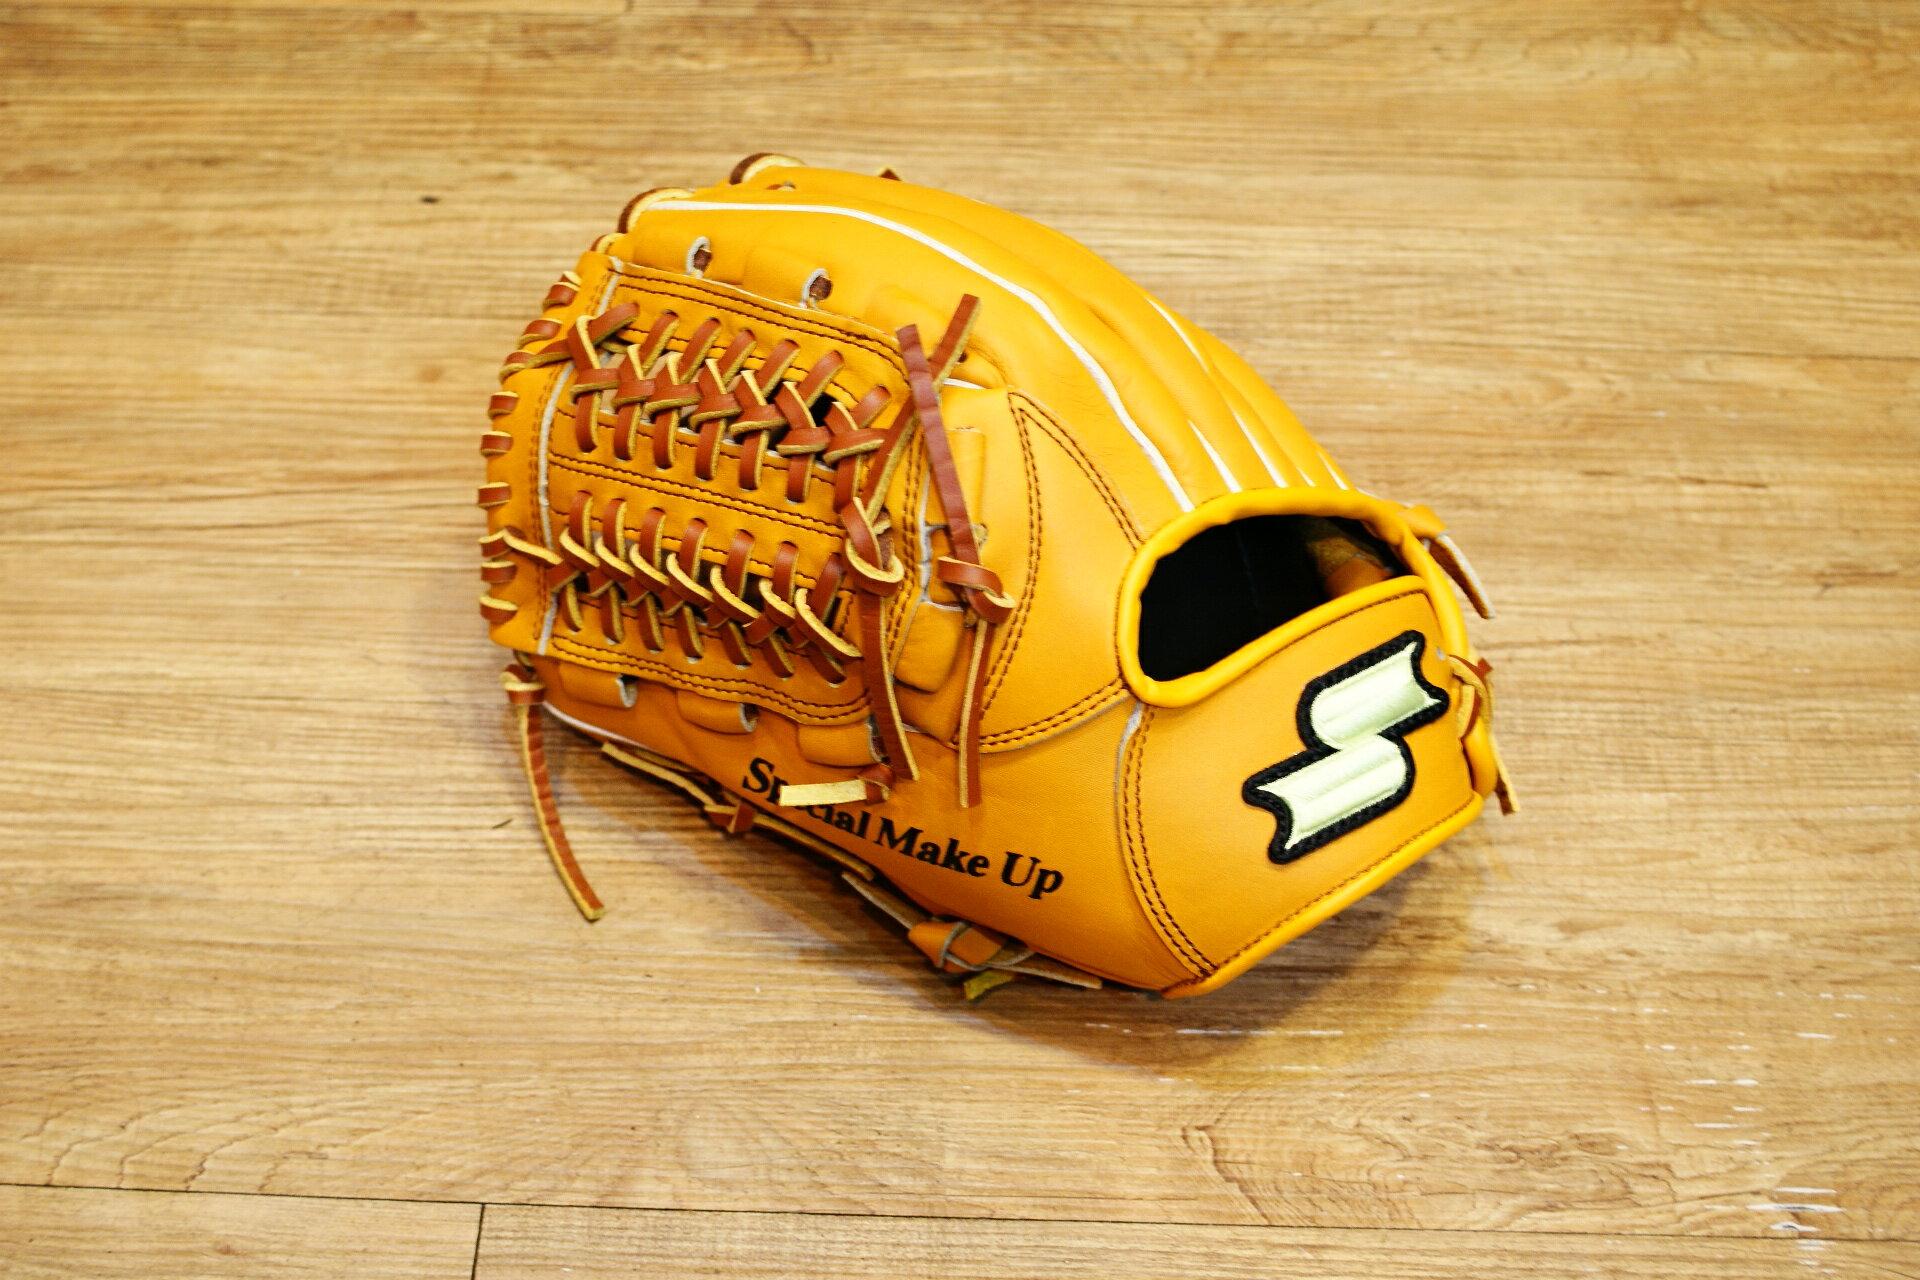 棒球世界 全新 店訂版SSK棒壘通用牛皮內野手套特價   內野網檔 原皮色  反手用